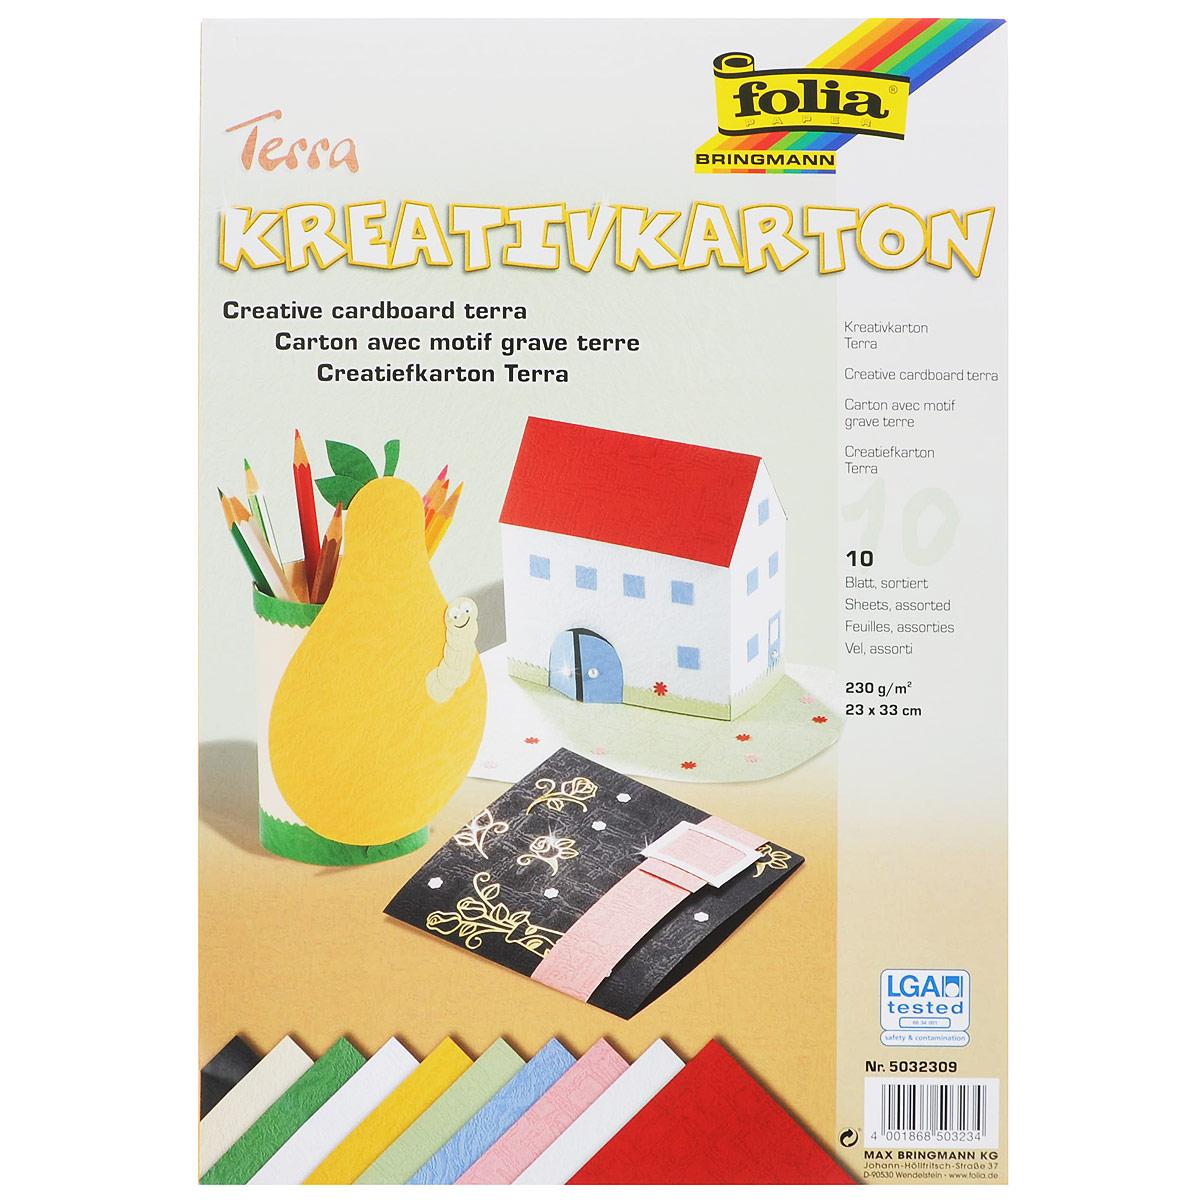 Картон текстурированный Folia Terra, 23 x 33 см, 10 листов7708030Картон Folia Terra с оригинальной текстурой идеально подходит для декора, скрапбукинга, создания поздравительных карточек, украшения интерьера, различных поделок и др. Картон прекрасно держит форму и отлично крепится.